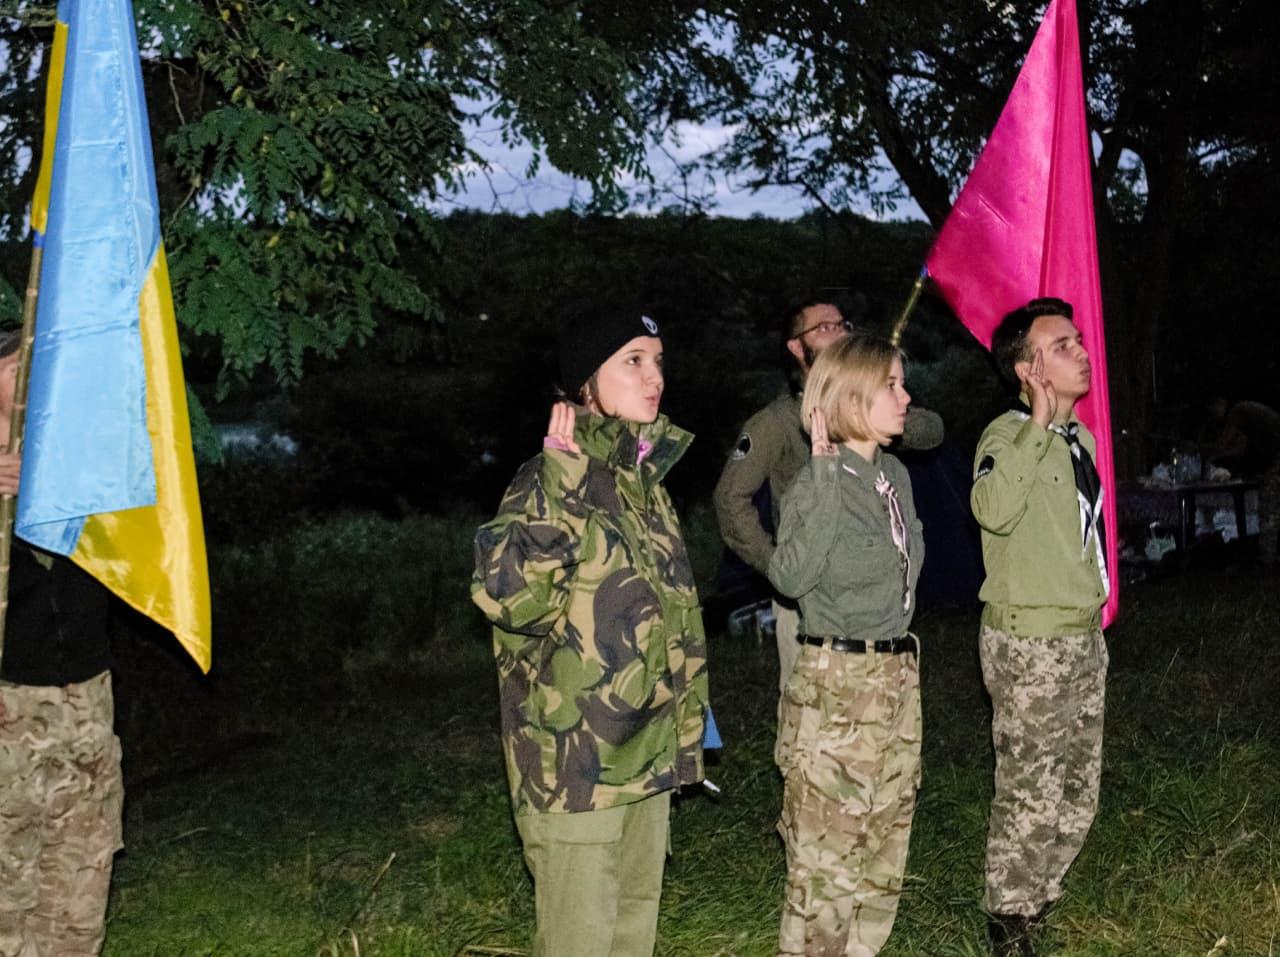 Січовики закрили таборовий сезон на Кіровоградщині (ФОТО)